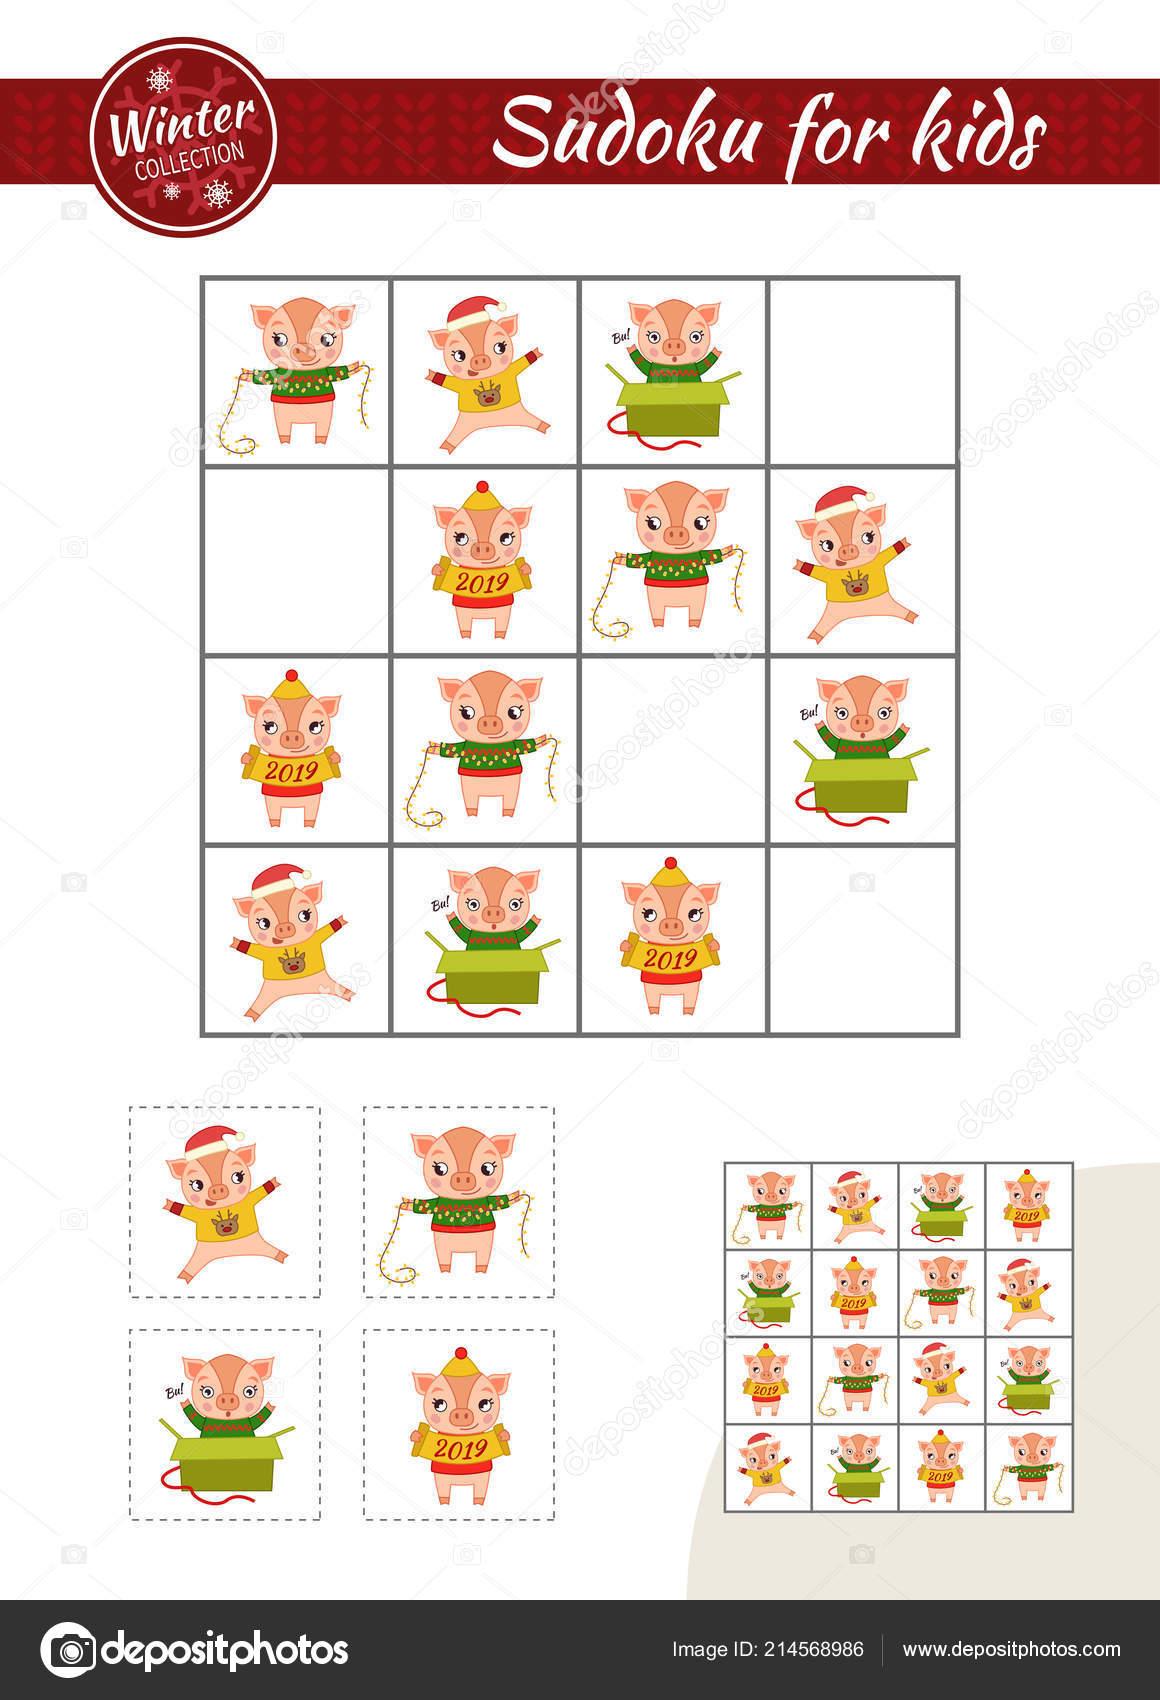 Sudoku Juego Para Ninos Con Imagenes Hoja Actividades Los Ninos